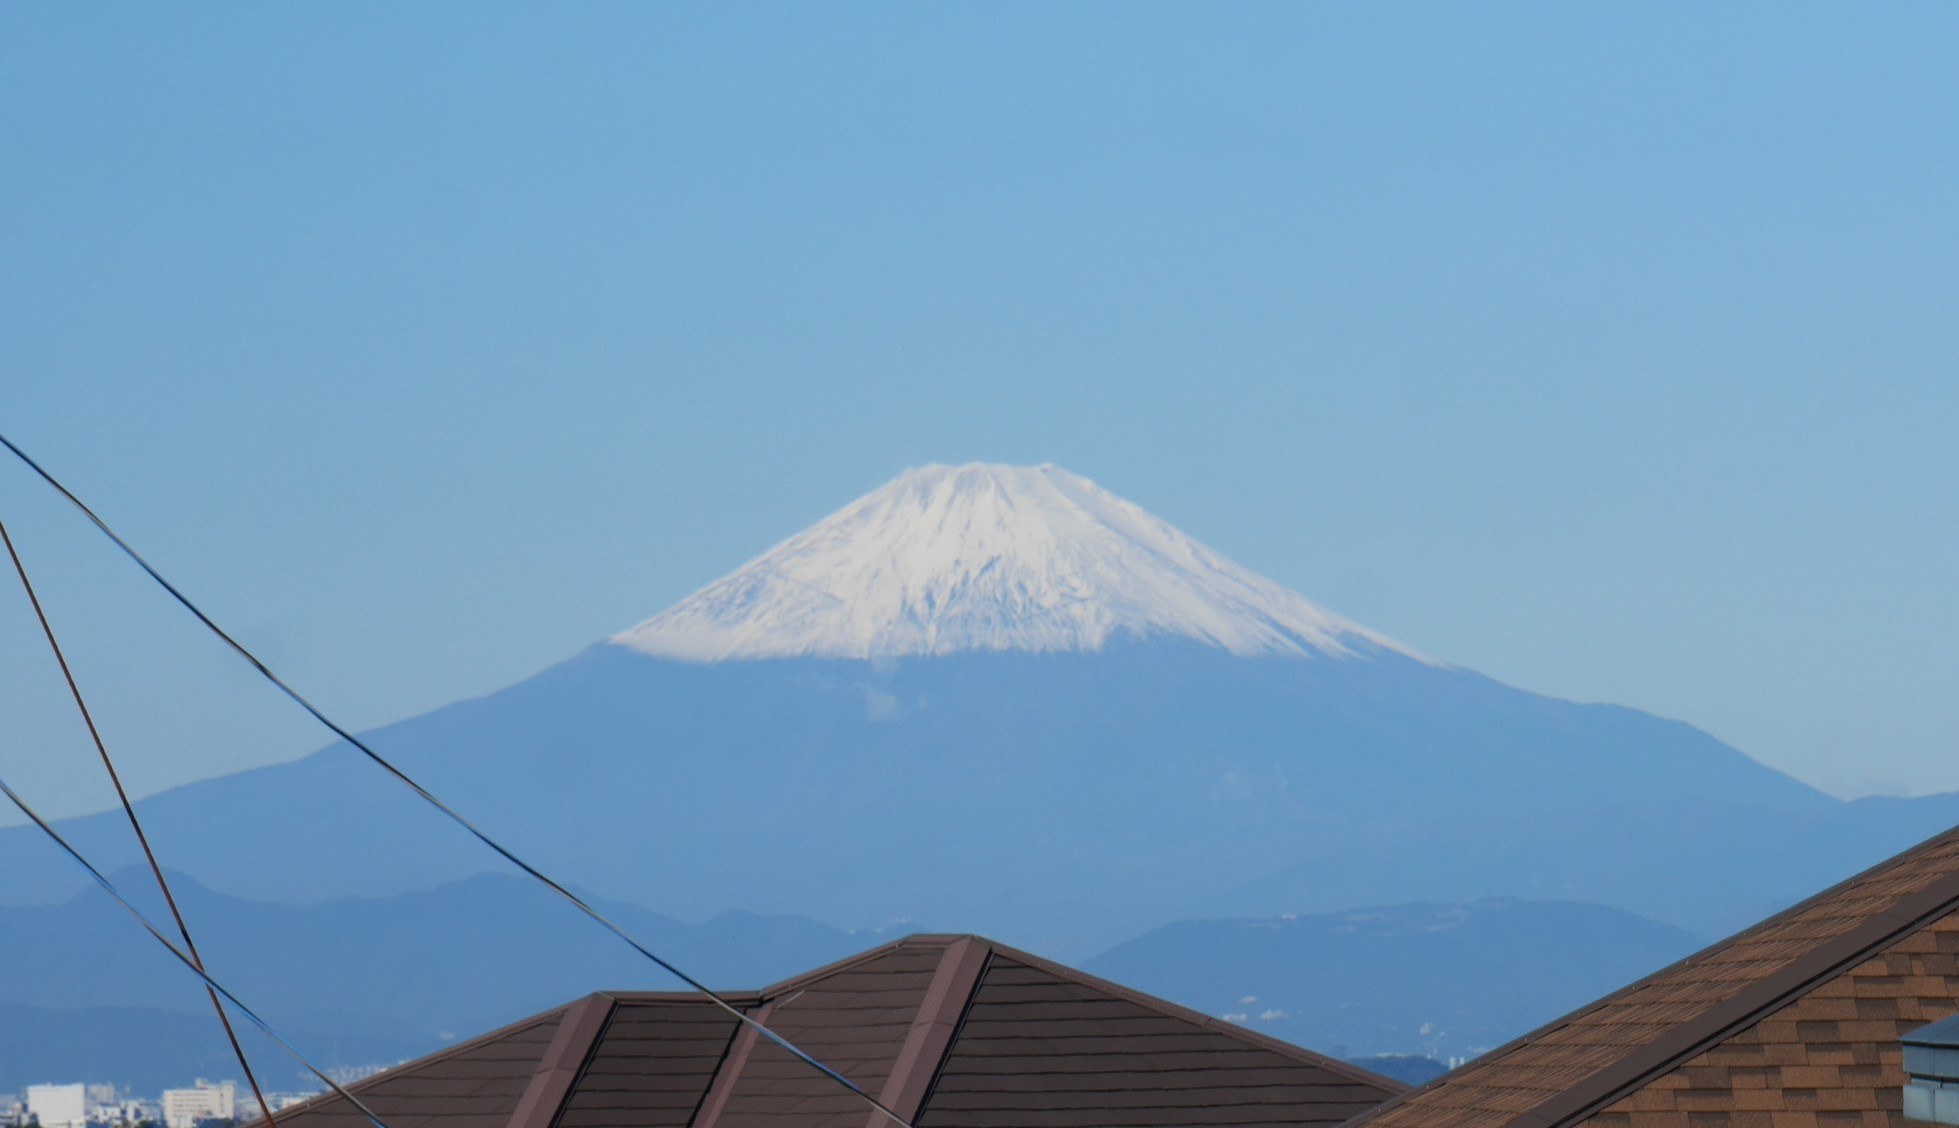 雨上がり、六国見山から冠雪した富士山が10・20_c0014967_09002498.jpg